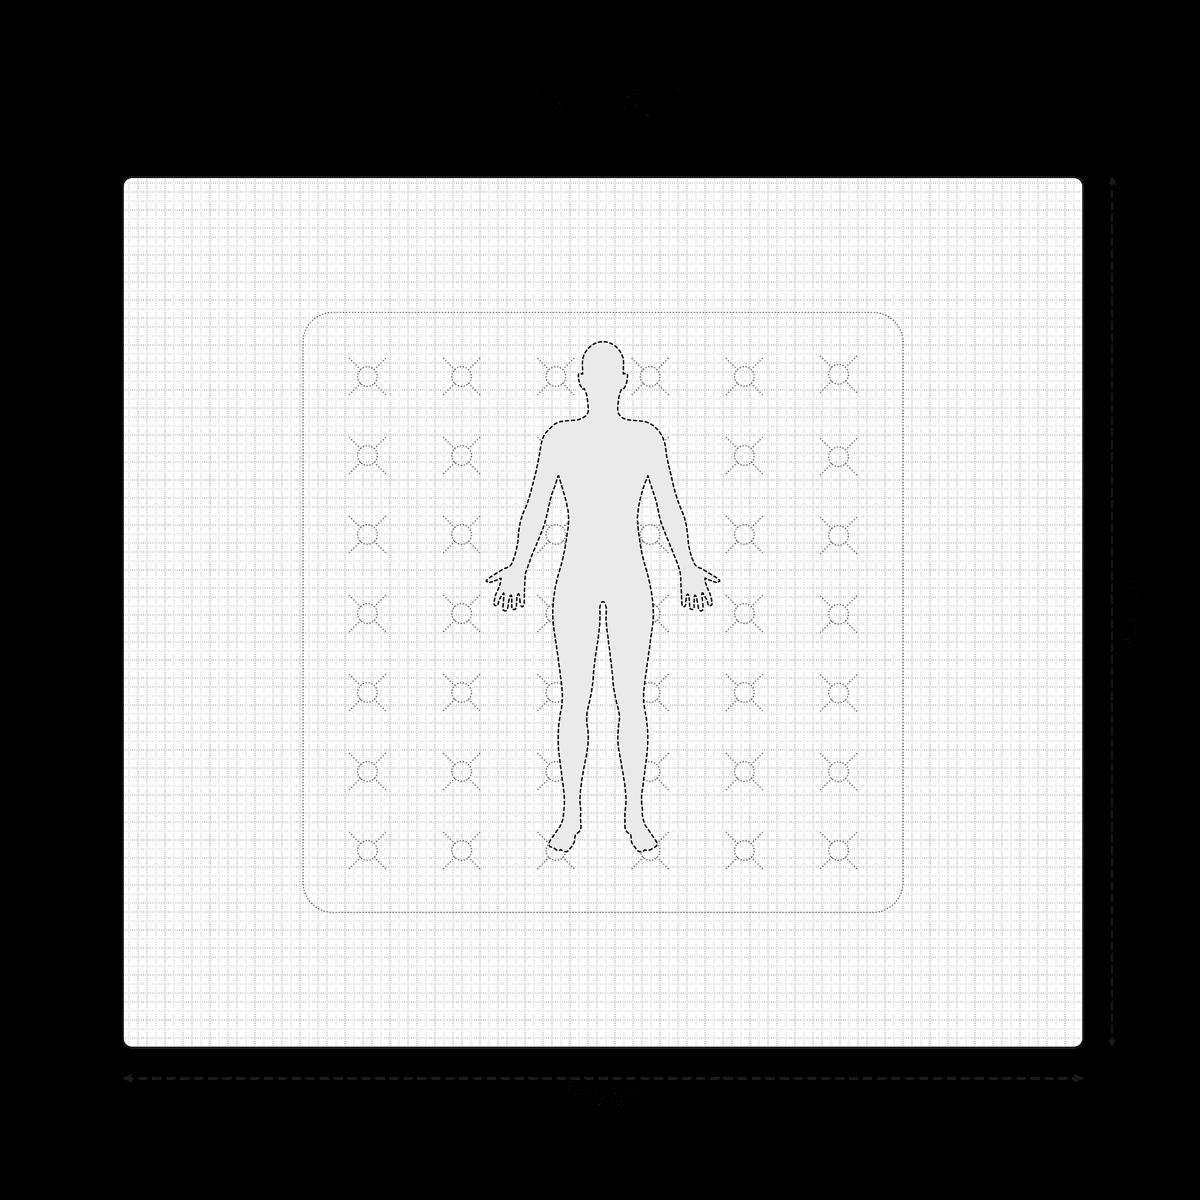 Emperor Flat Sheet Dimensions